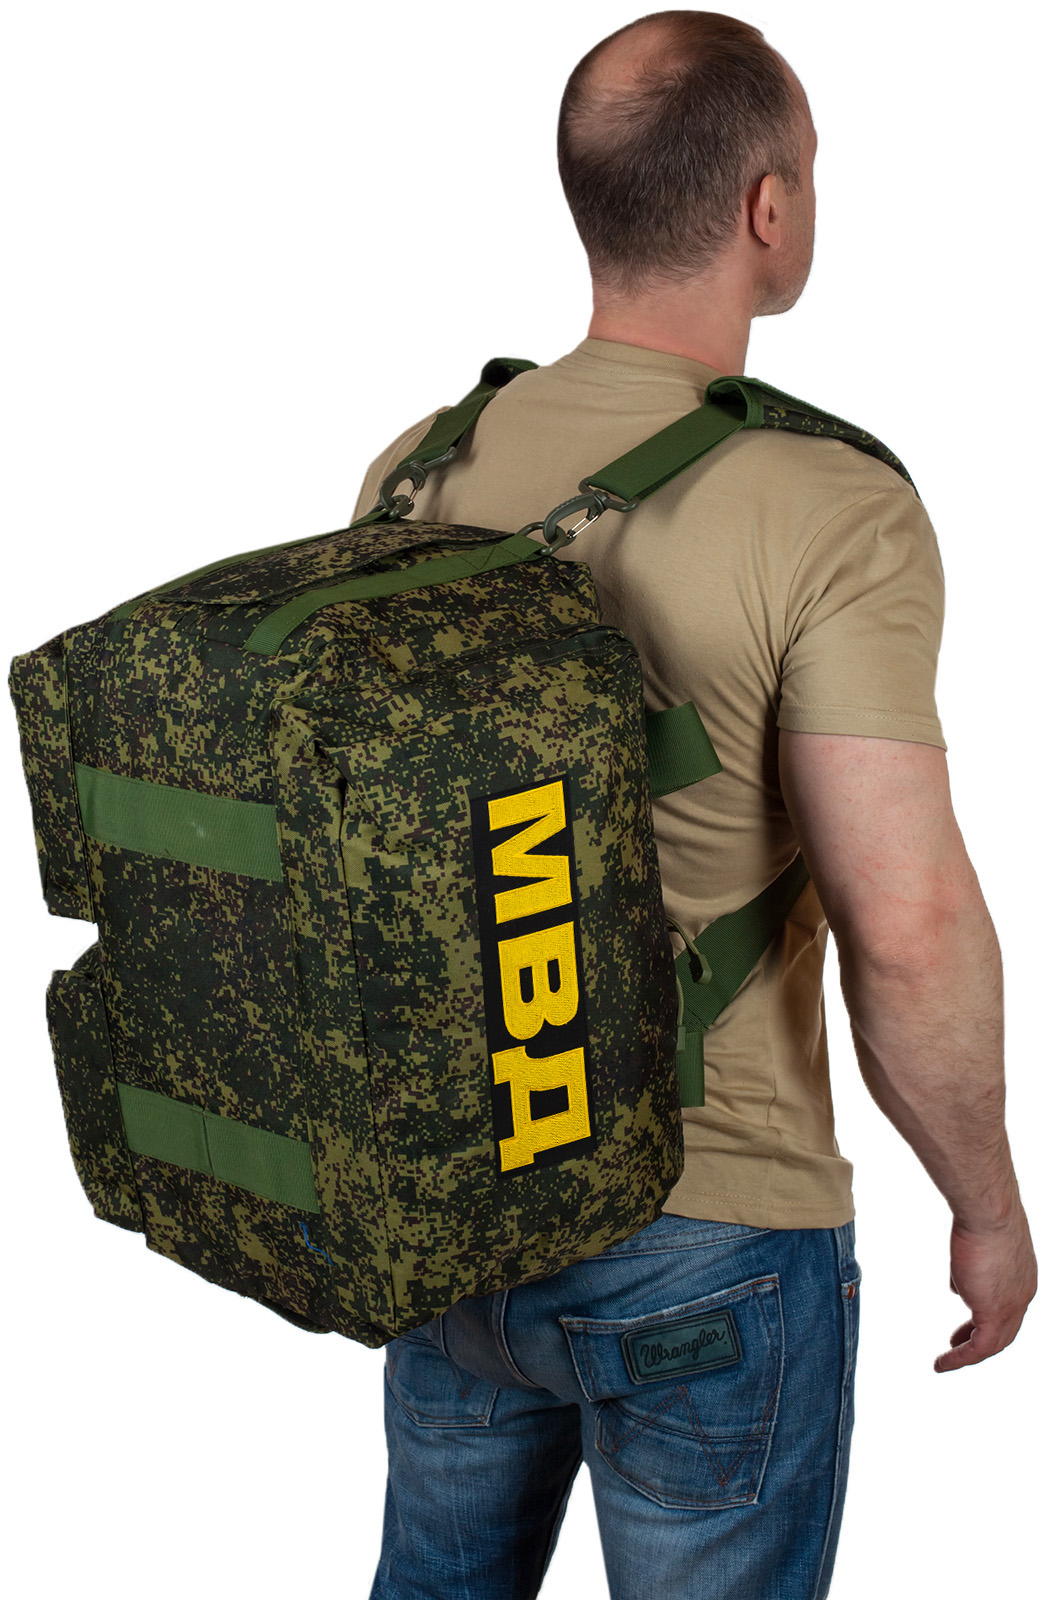 Купить армейскую пиксельную сумку МВД оптом или в розницу выгодно